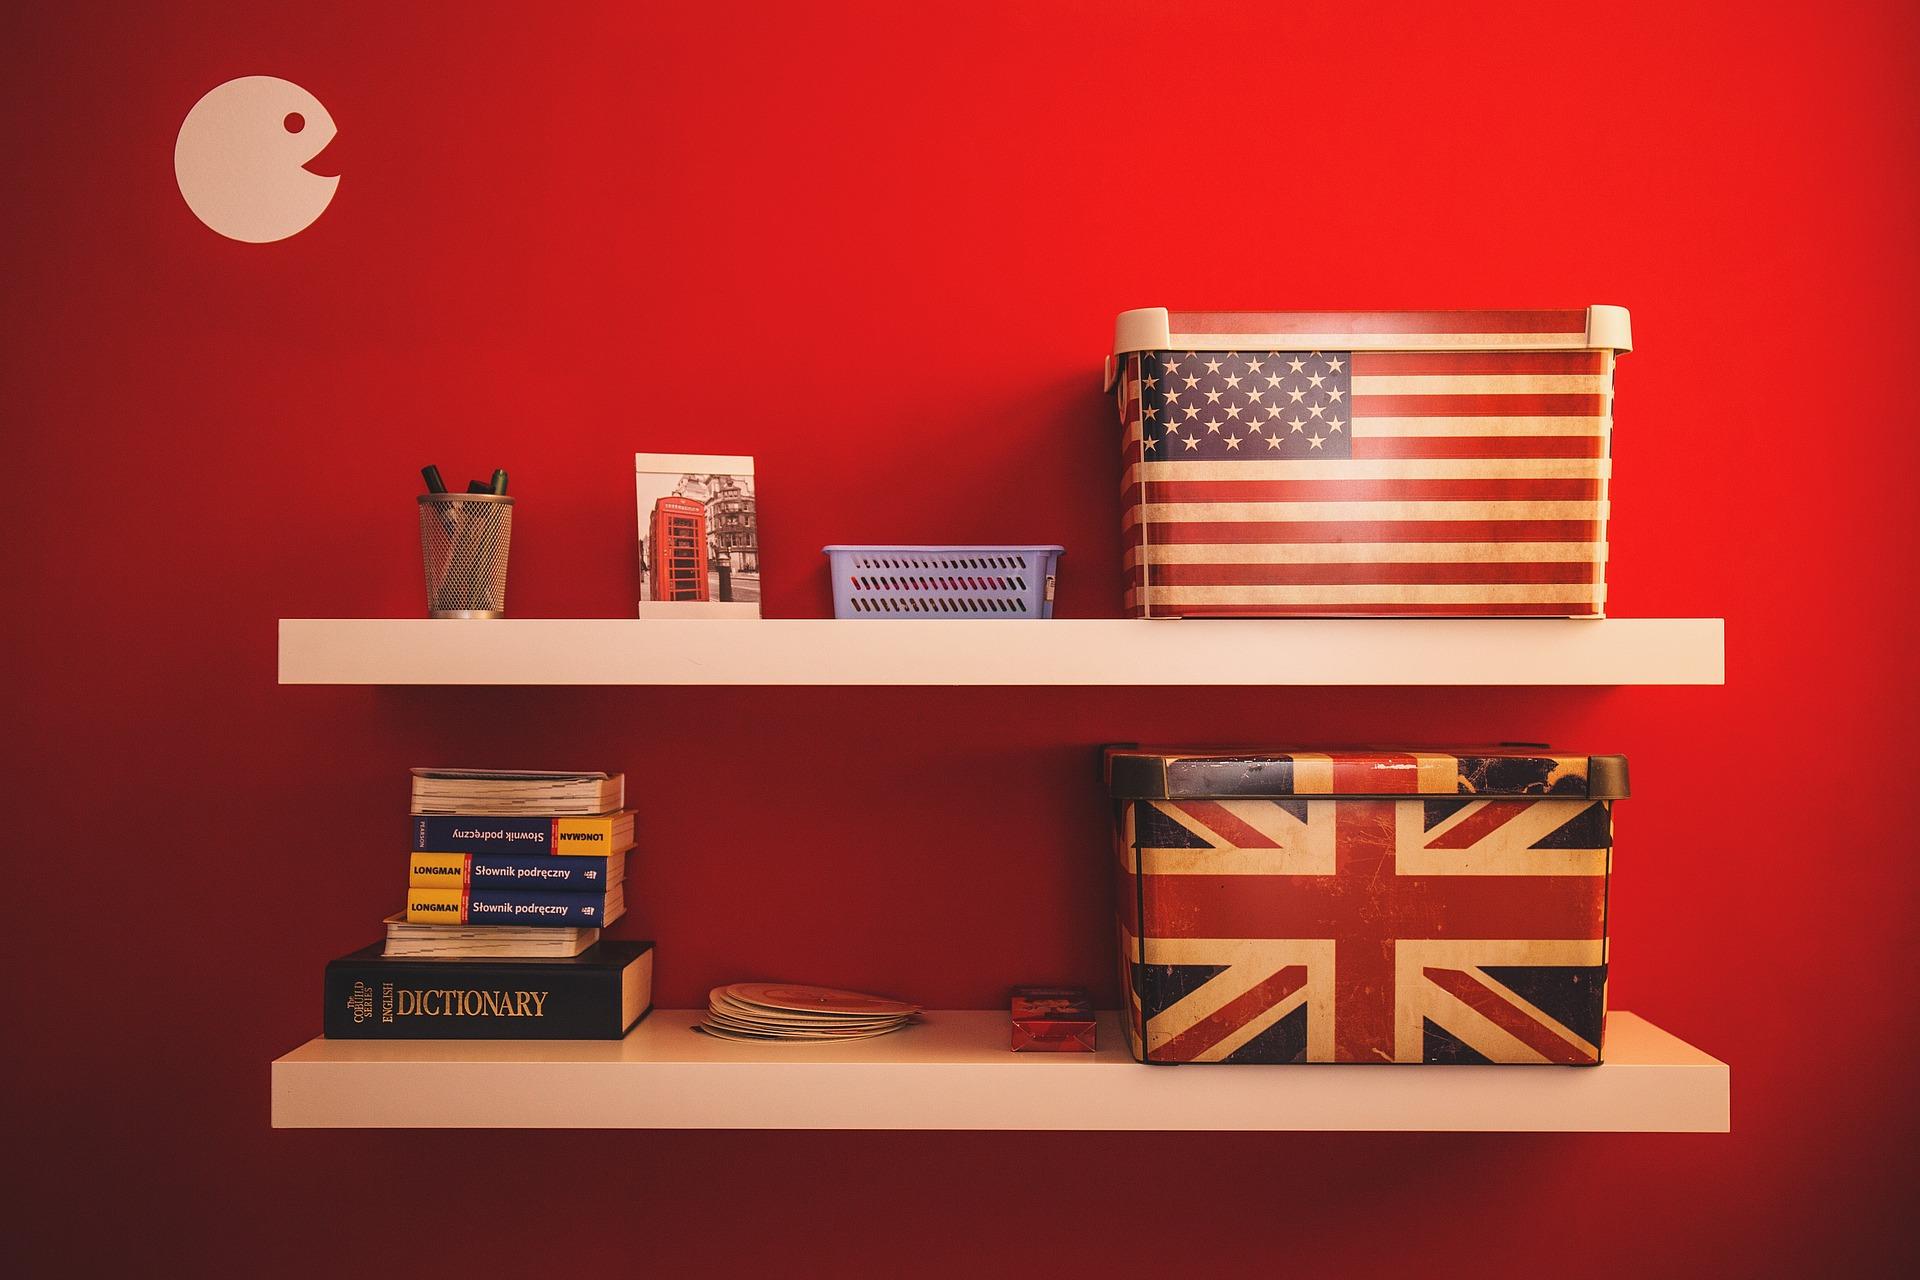 Foto de duas prateleiras brancas em uma parede vermelha com livros, uma foto, canetas, uma caixa organizadora pequena e duas grandes, sendo que uma dessas possui a bandeira da Inglaterra e a outra a bandeira dos Estados Unidos.